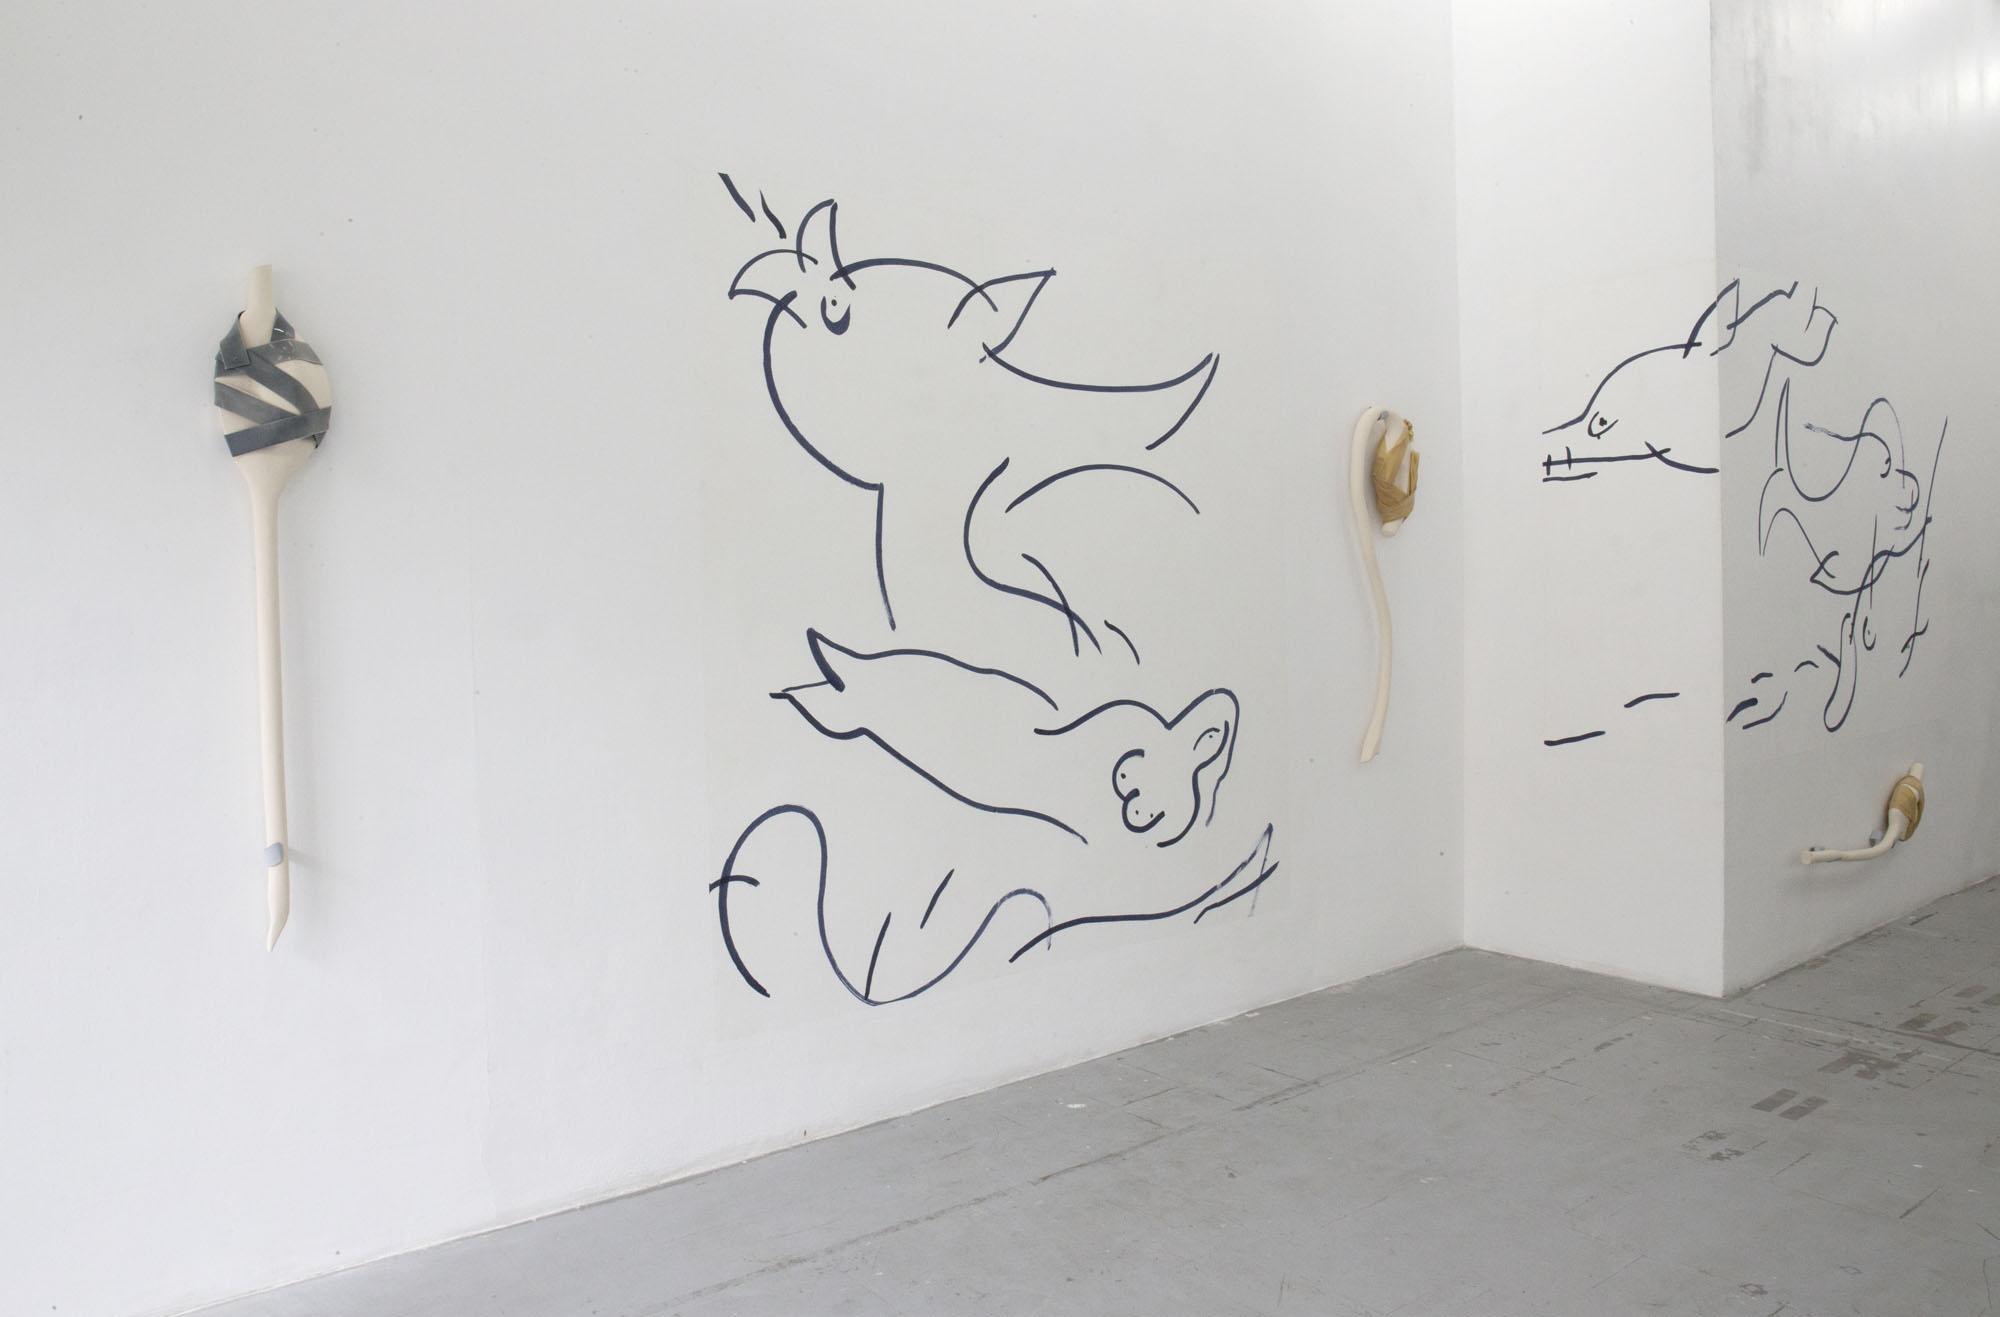 9_Quart d'heure américain - heiwata - Mains d'Oeuvres - Exhibition views.jpg